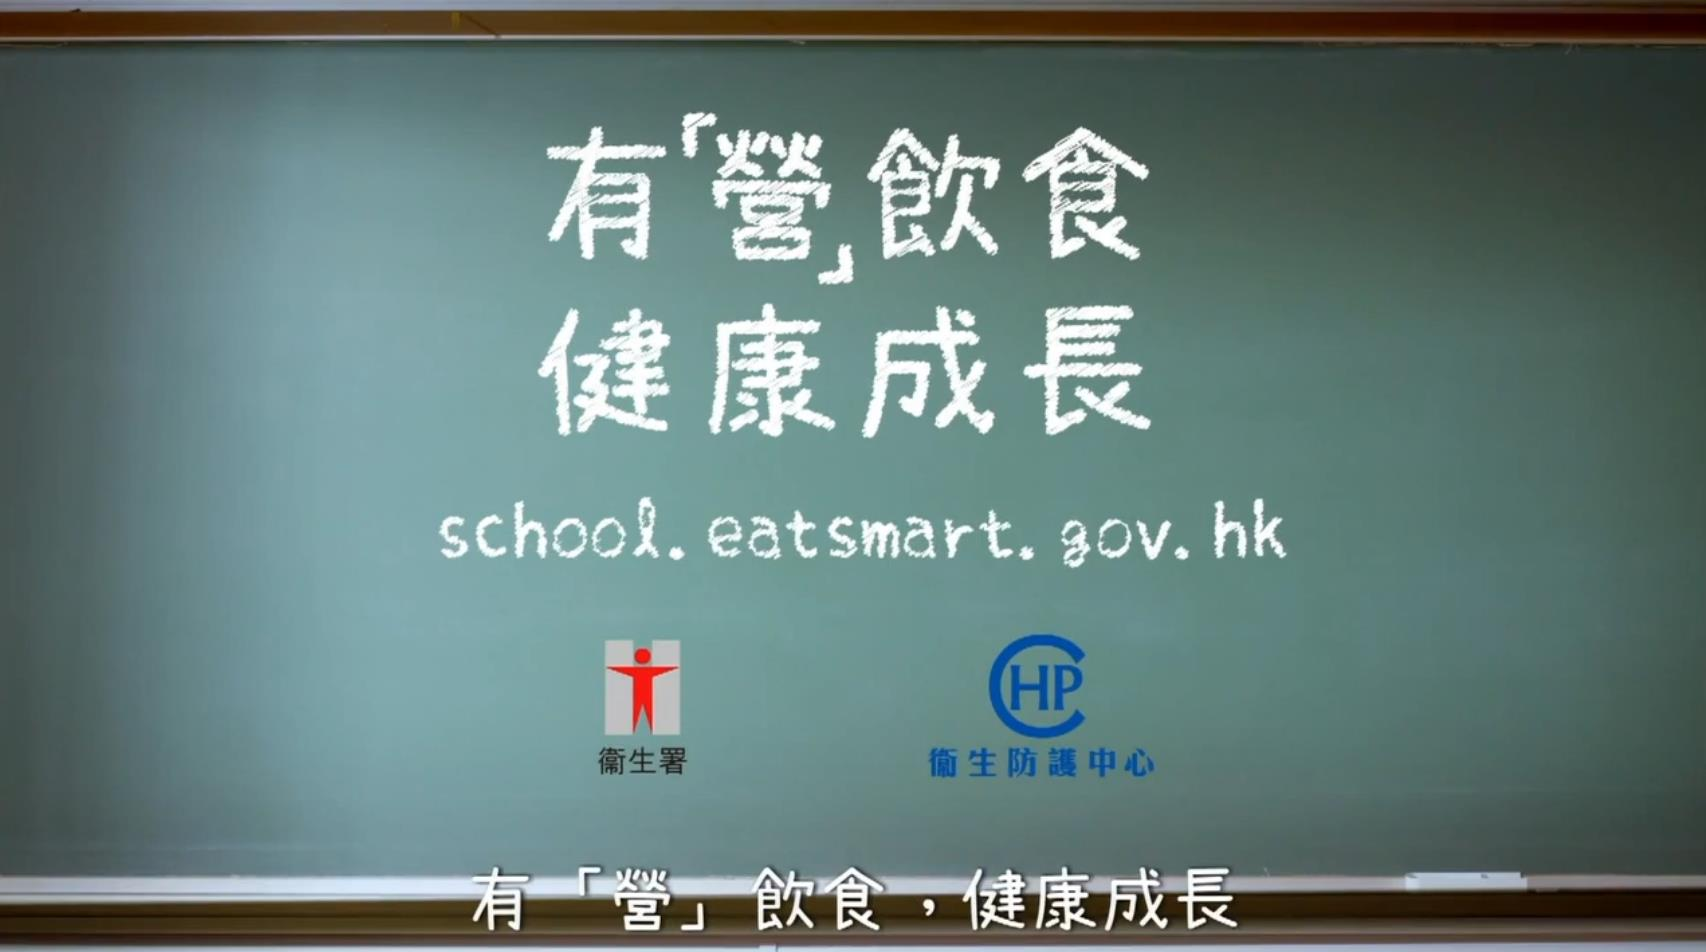 有『营』饮食 广告